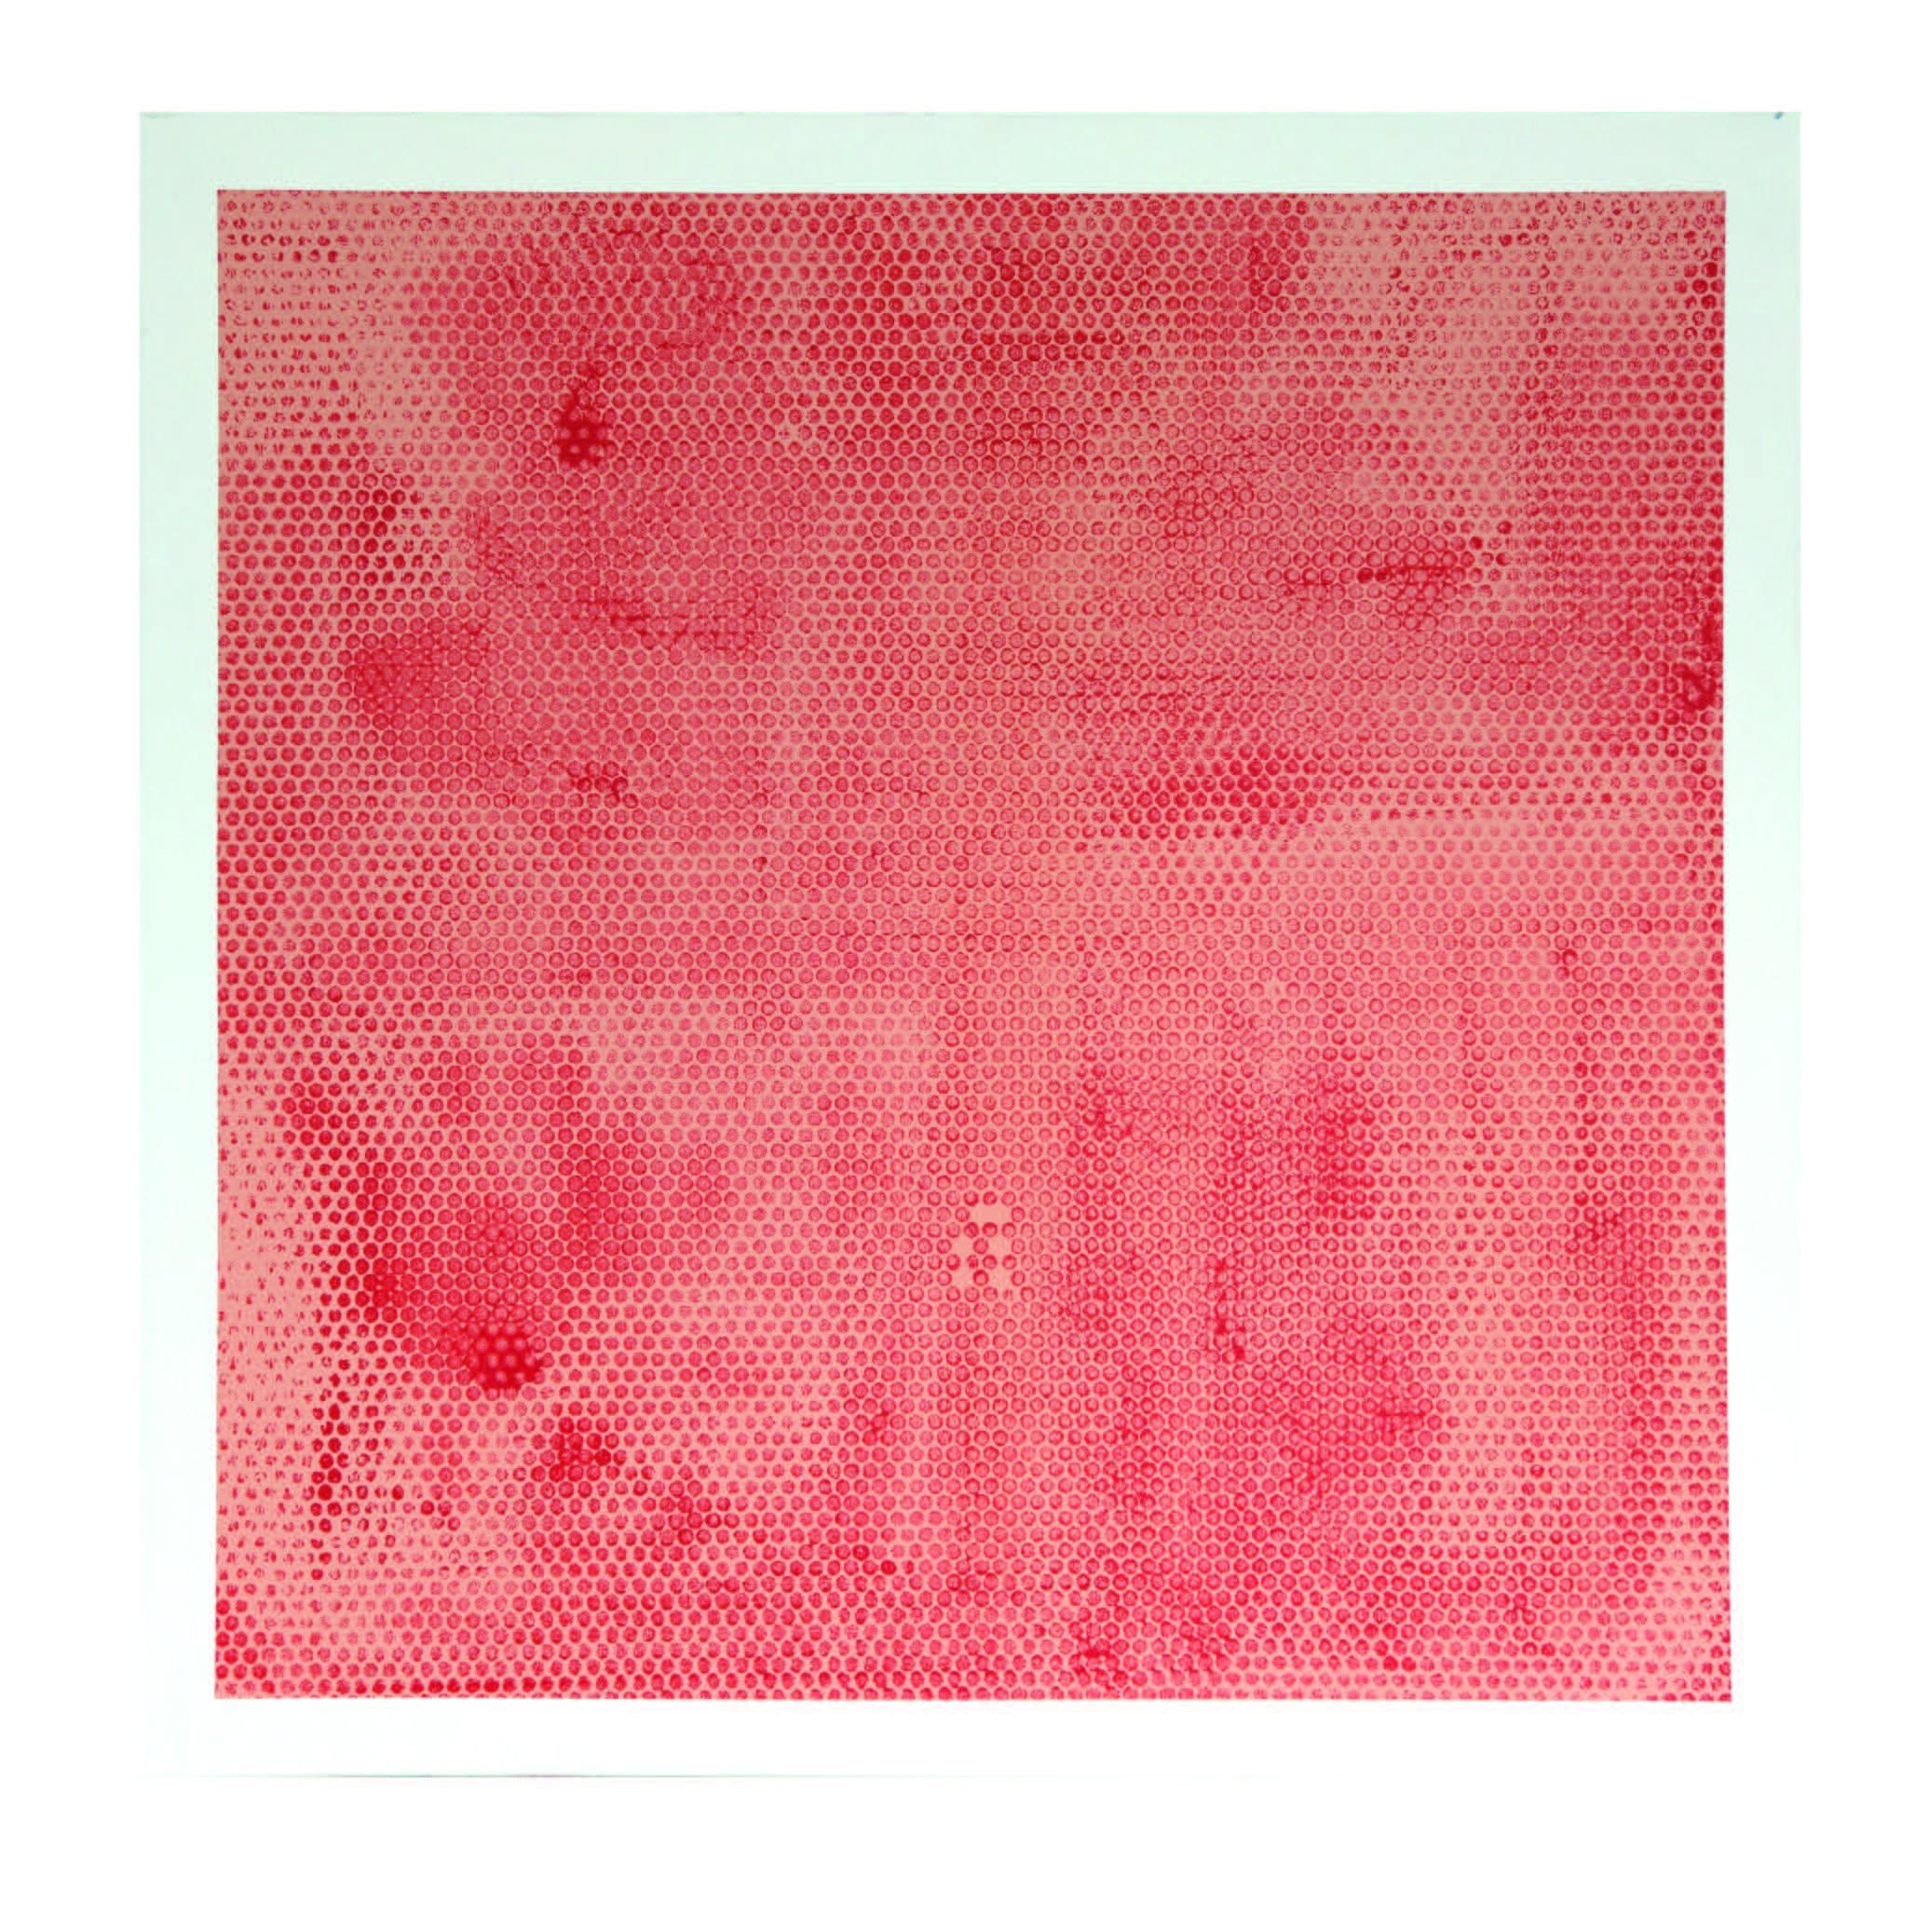 Thursday Talk, 2014  acrylic on canvas  40 x 40 inches